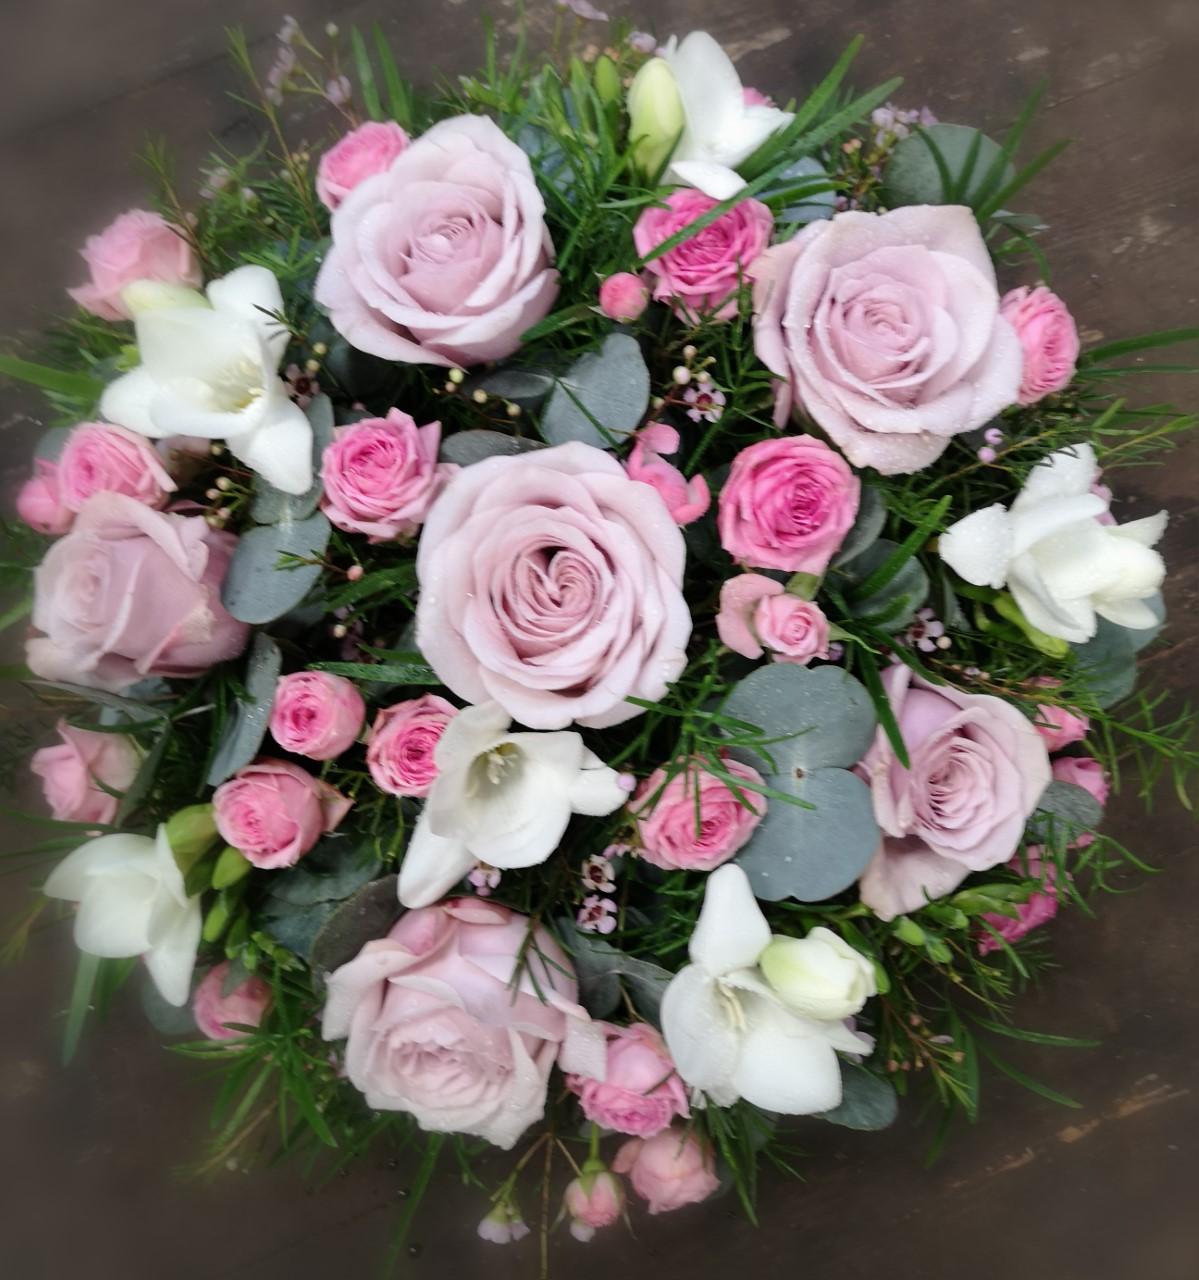 Funeral Flowers Pink Seasonal Posie From £45